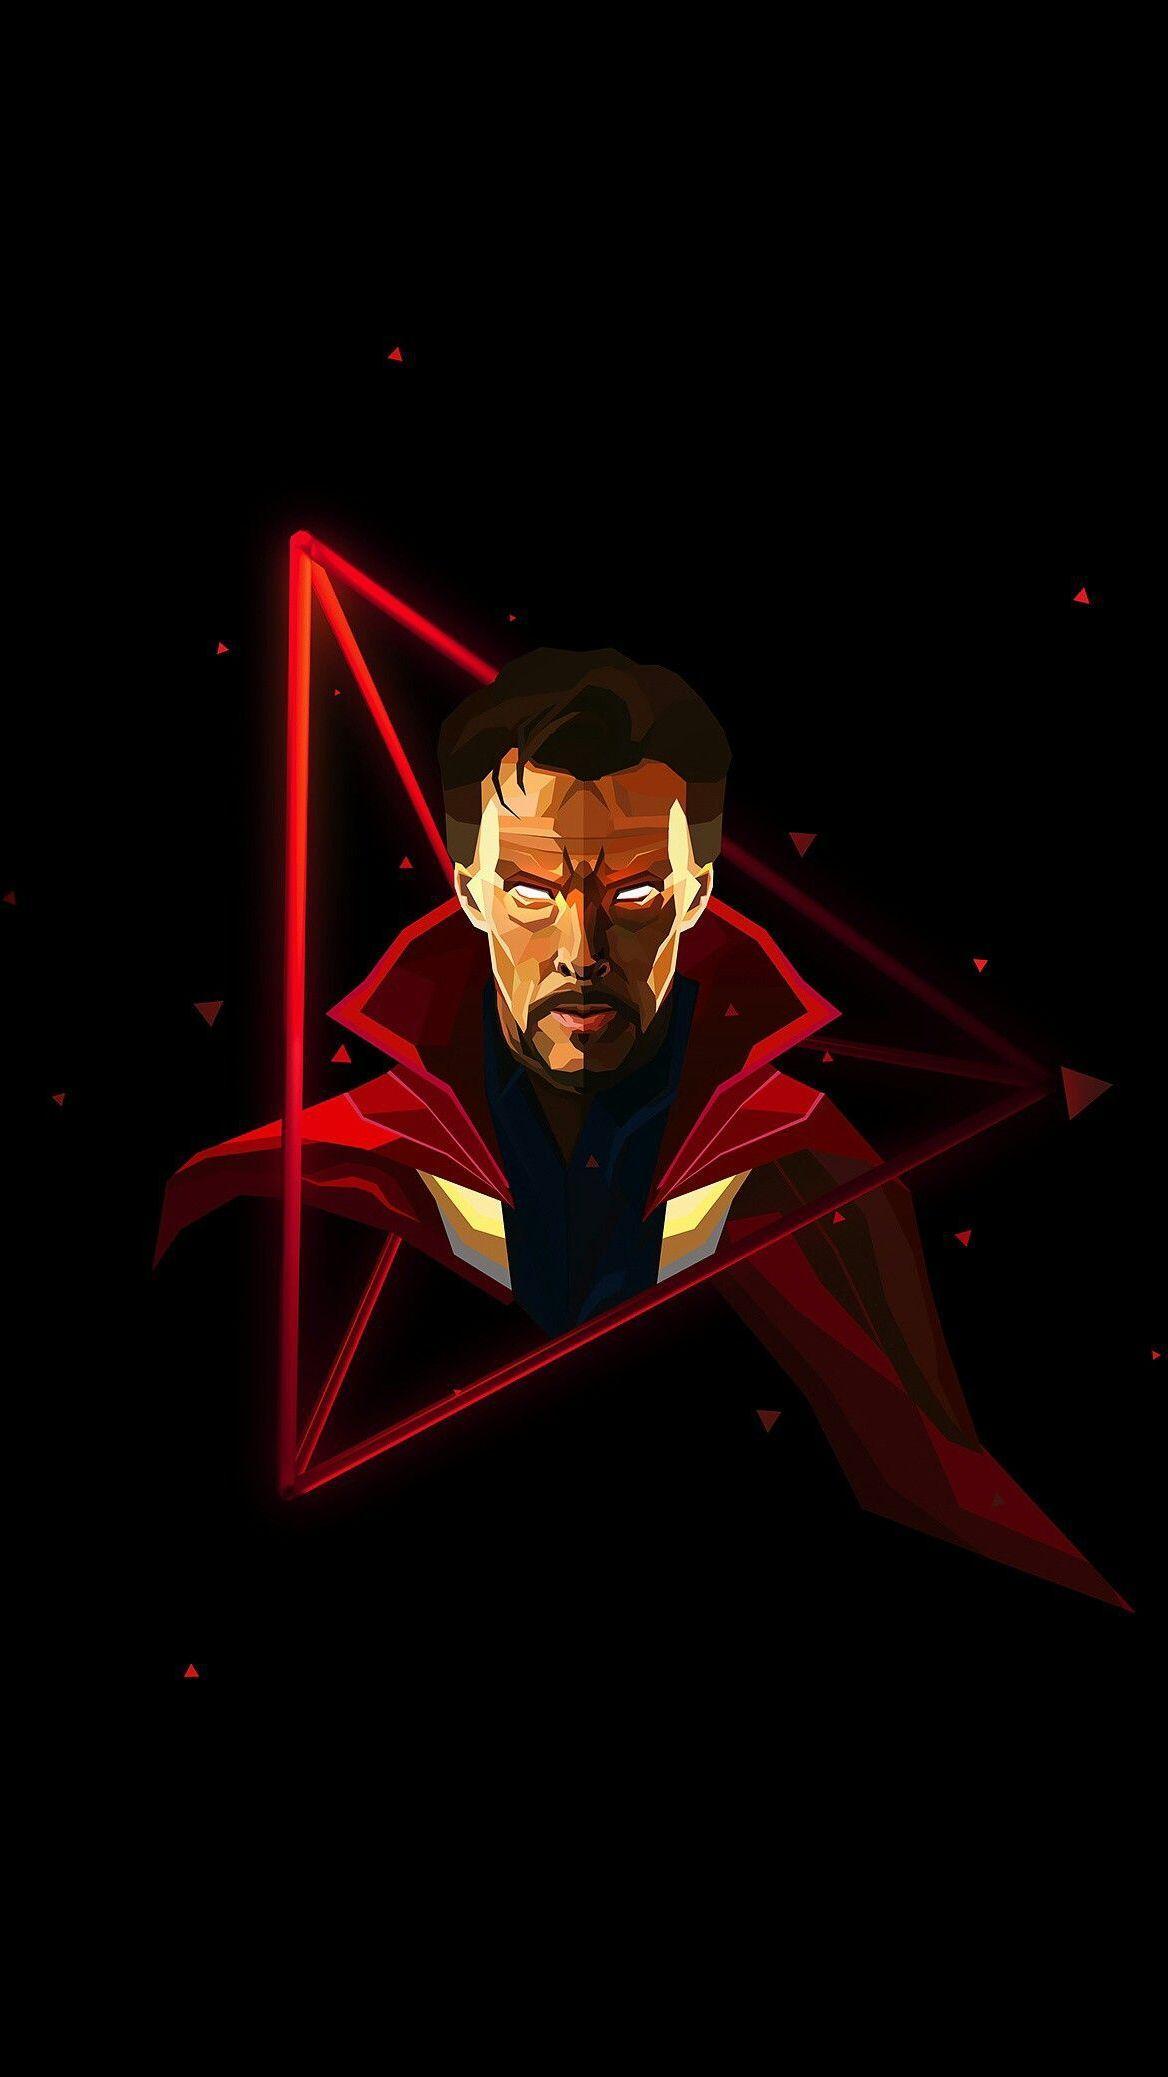 Doctor Strange Infinity War Wallpapers Wallpaper Cave